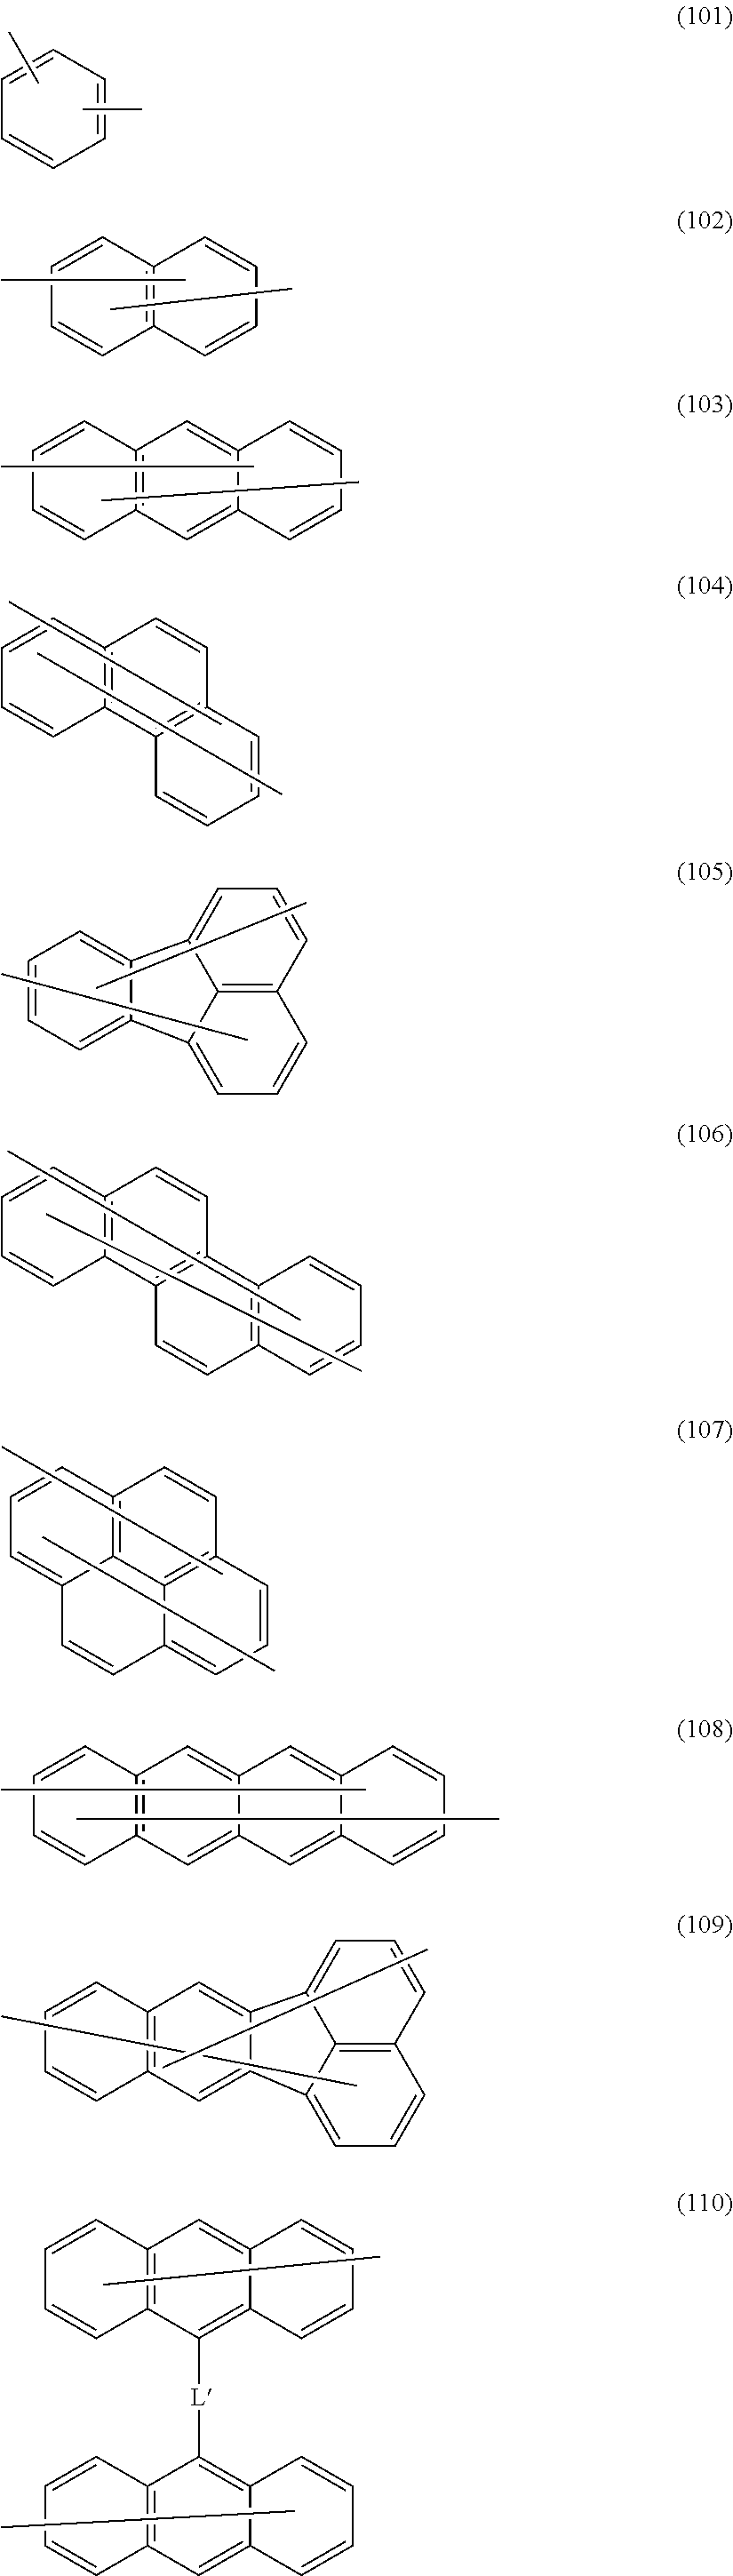 Figure US08779655-20140715-C00044